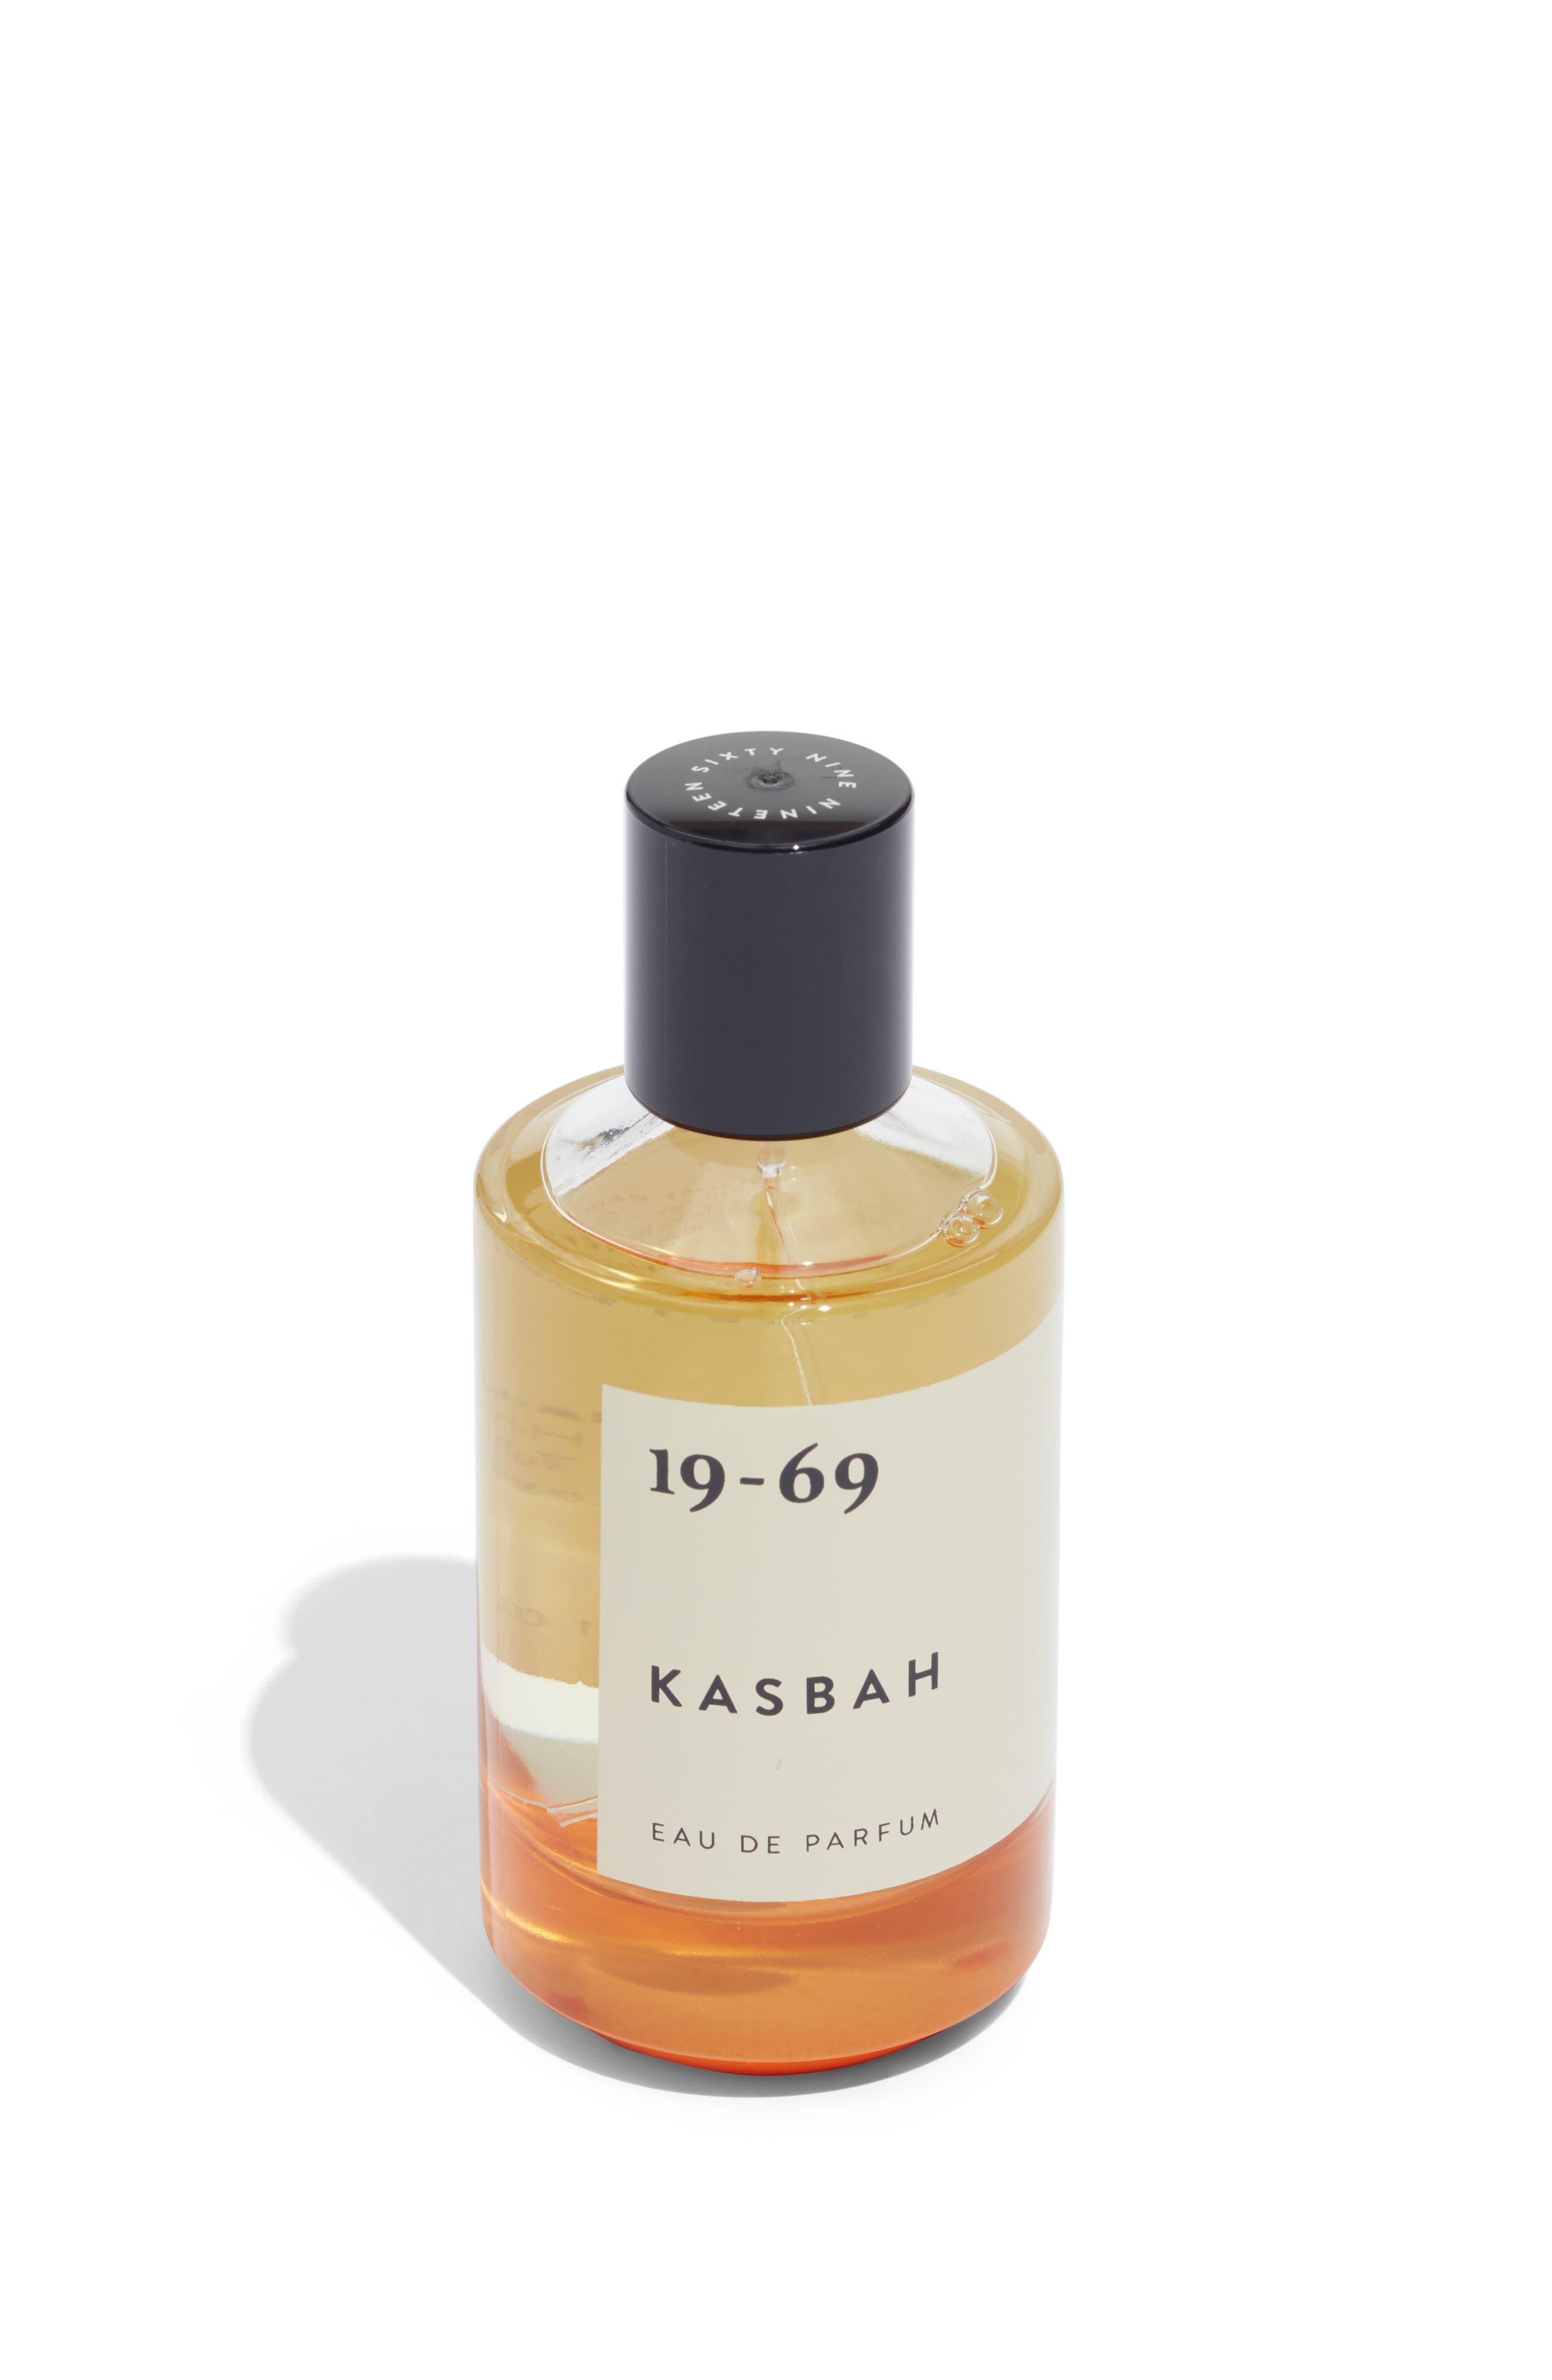 19-69 Eau De Parfum